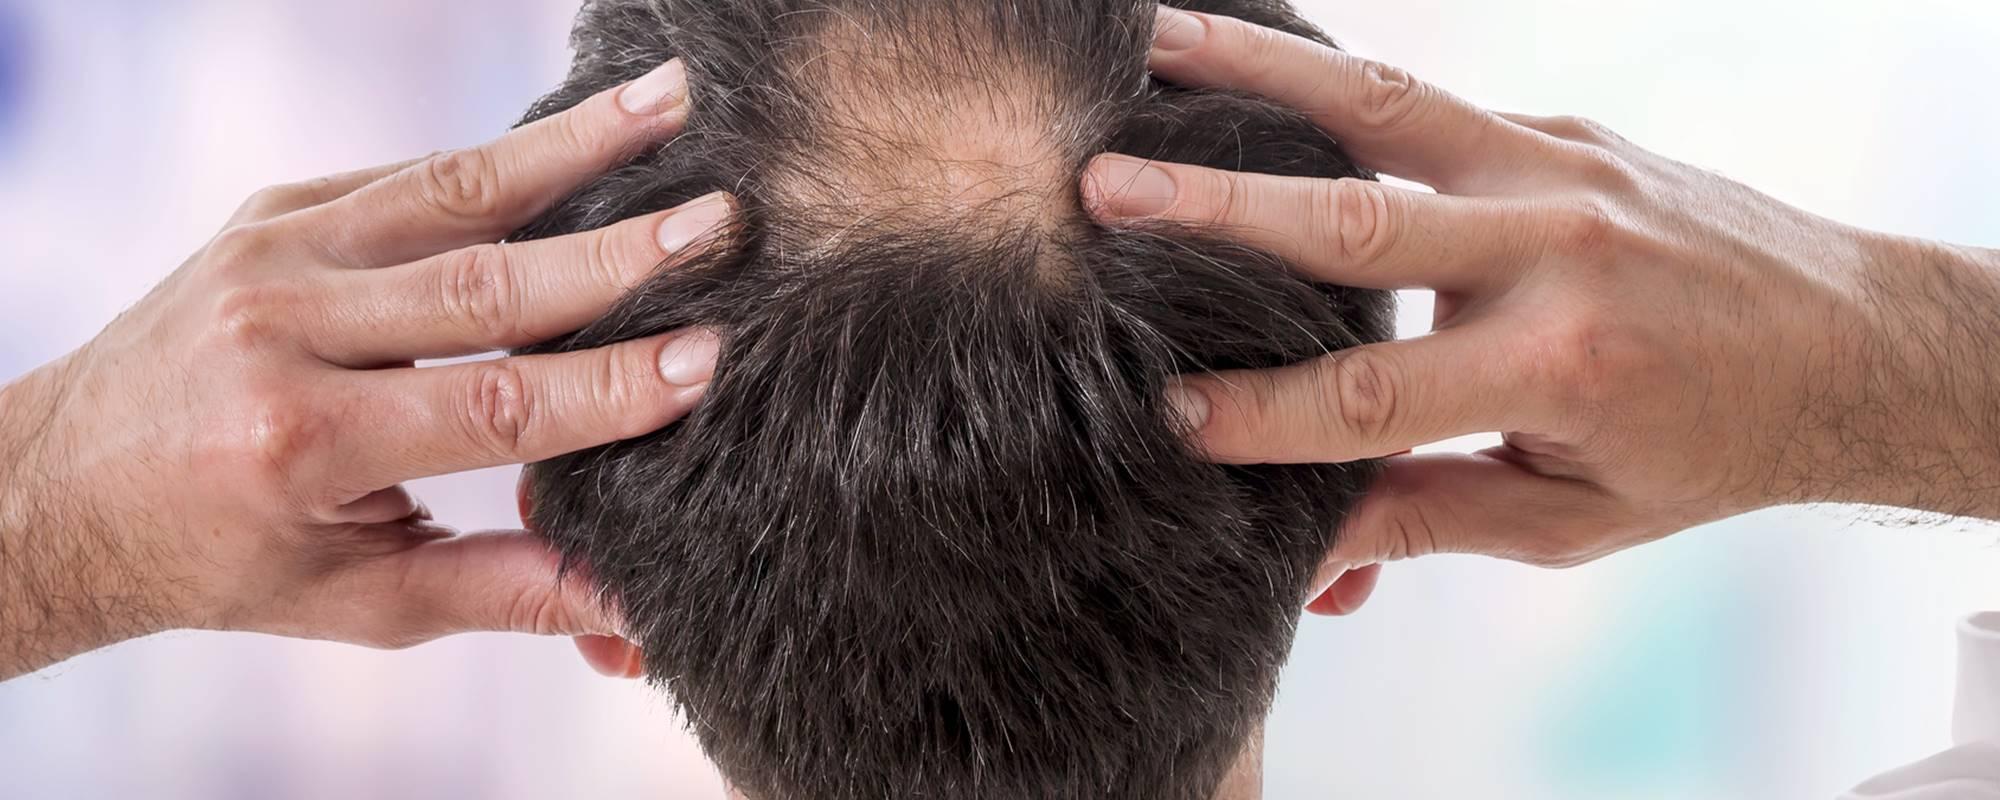 thinning hair or alopecia